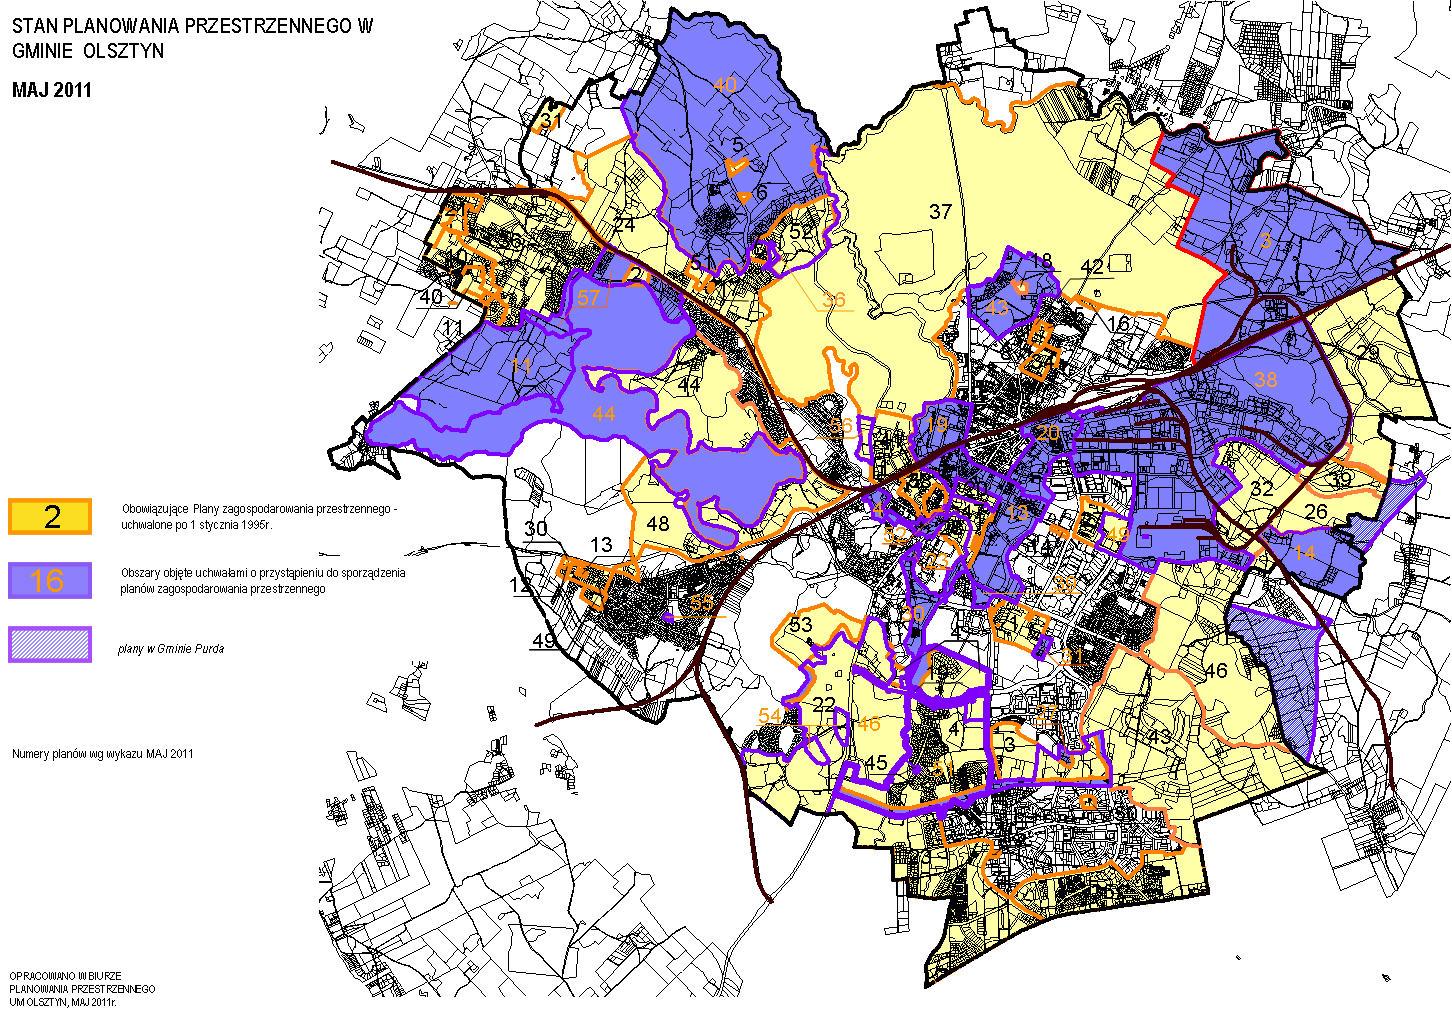 stan-planowania-przestrzennego-maj-2011